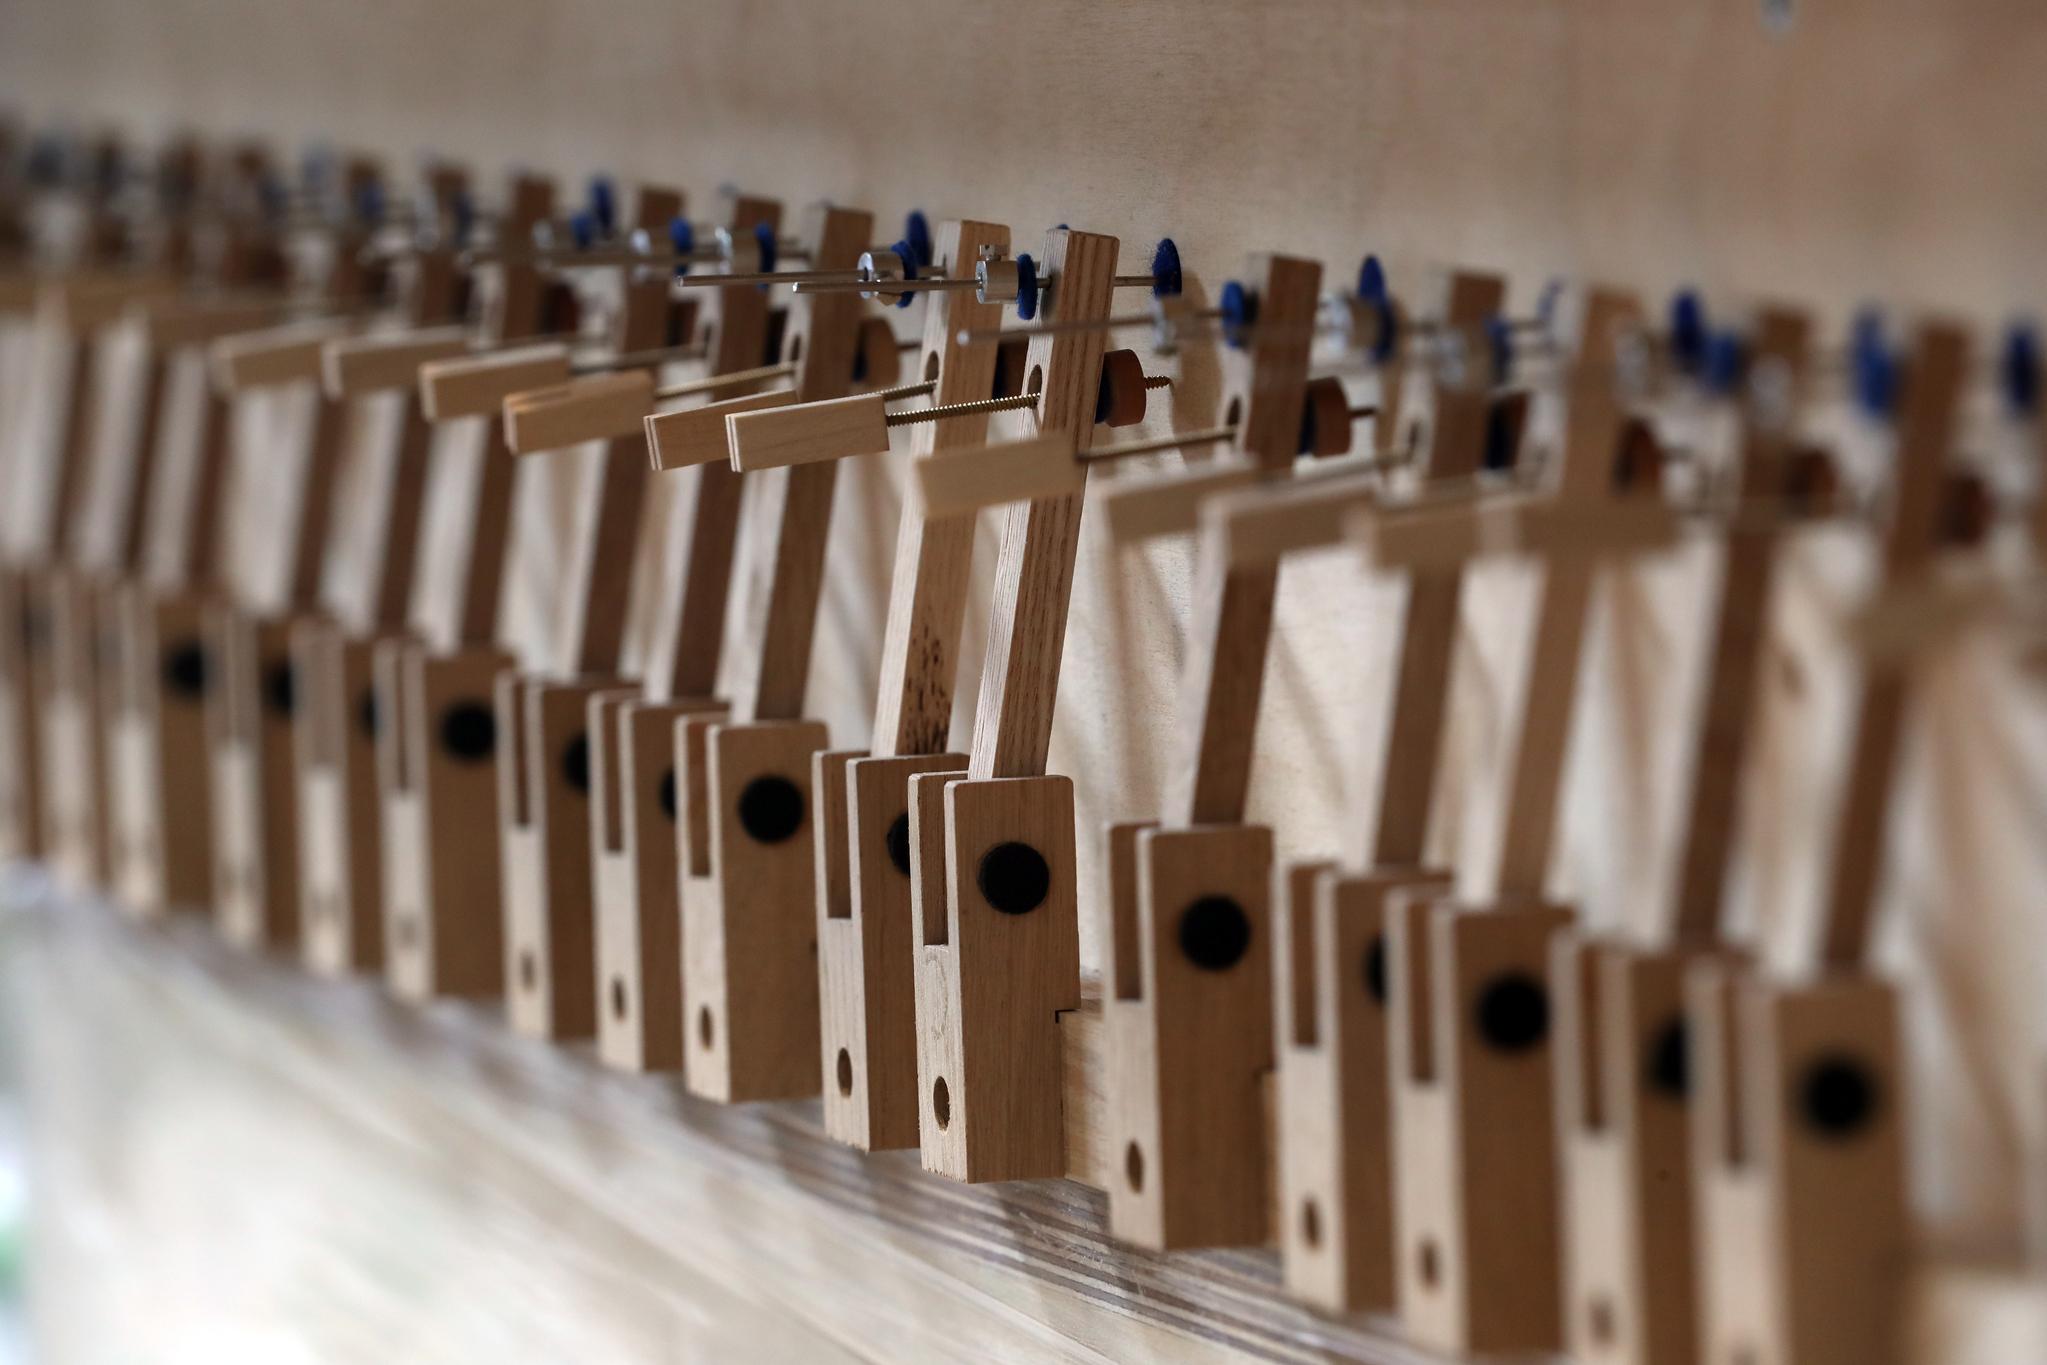 오르간의 수많은 부품 중 건반과 연결되는 부분. 파이프오르간은 건반악기처럼 생겼으나 발성 구조는 관악기다 . 최정동 기자